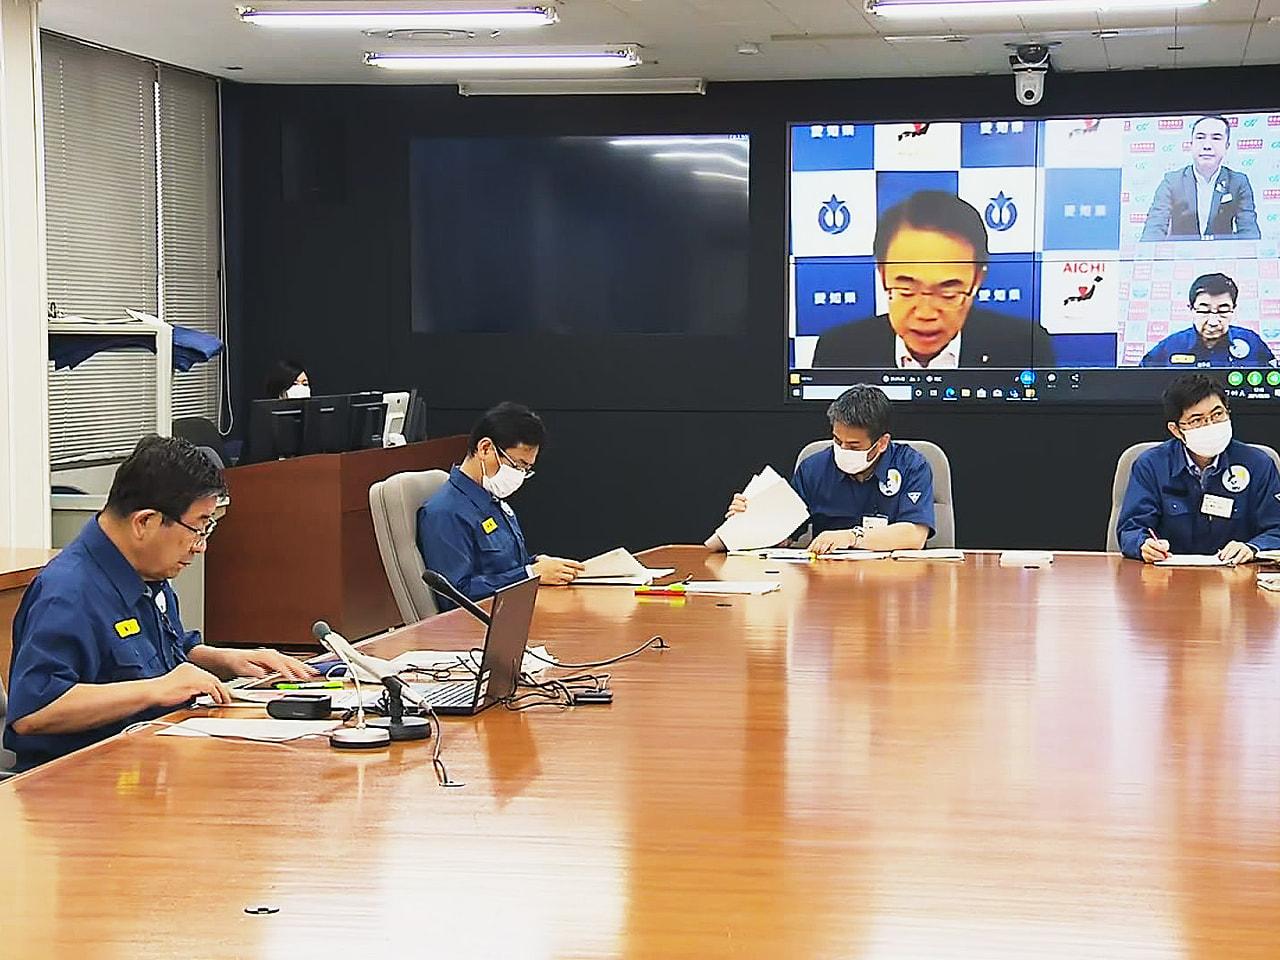 東海3県に緊急事態宣言が27日、追加適用されます。 3県の知事はテレビ会議を開き...